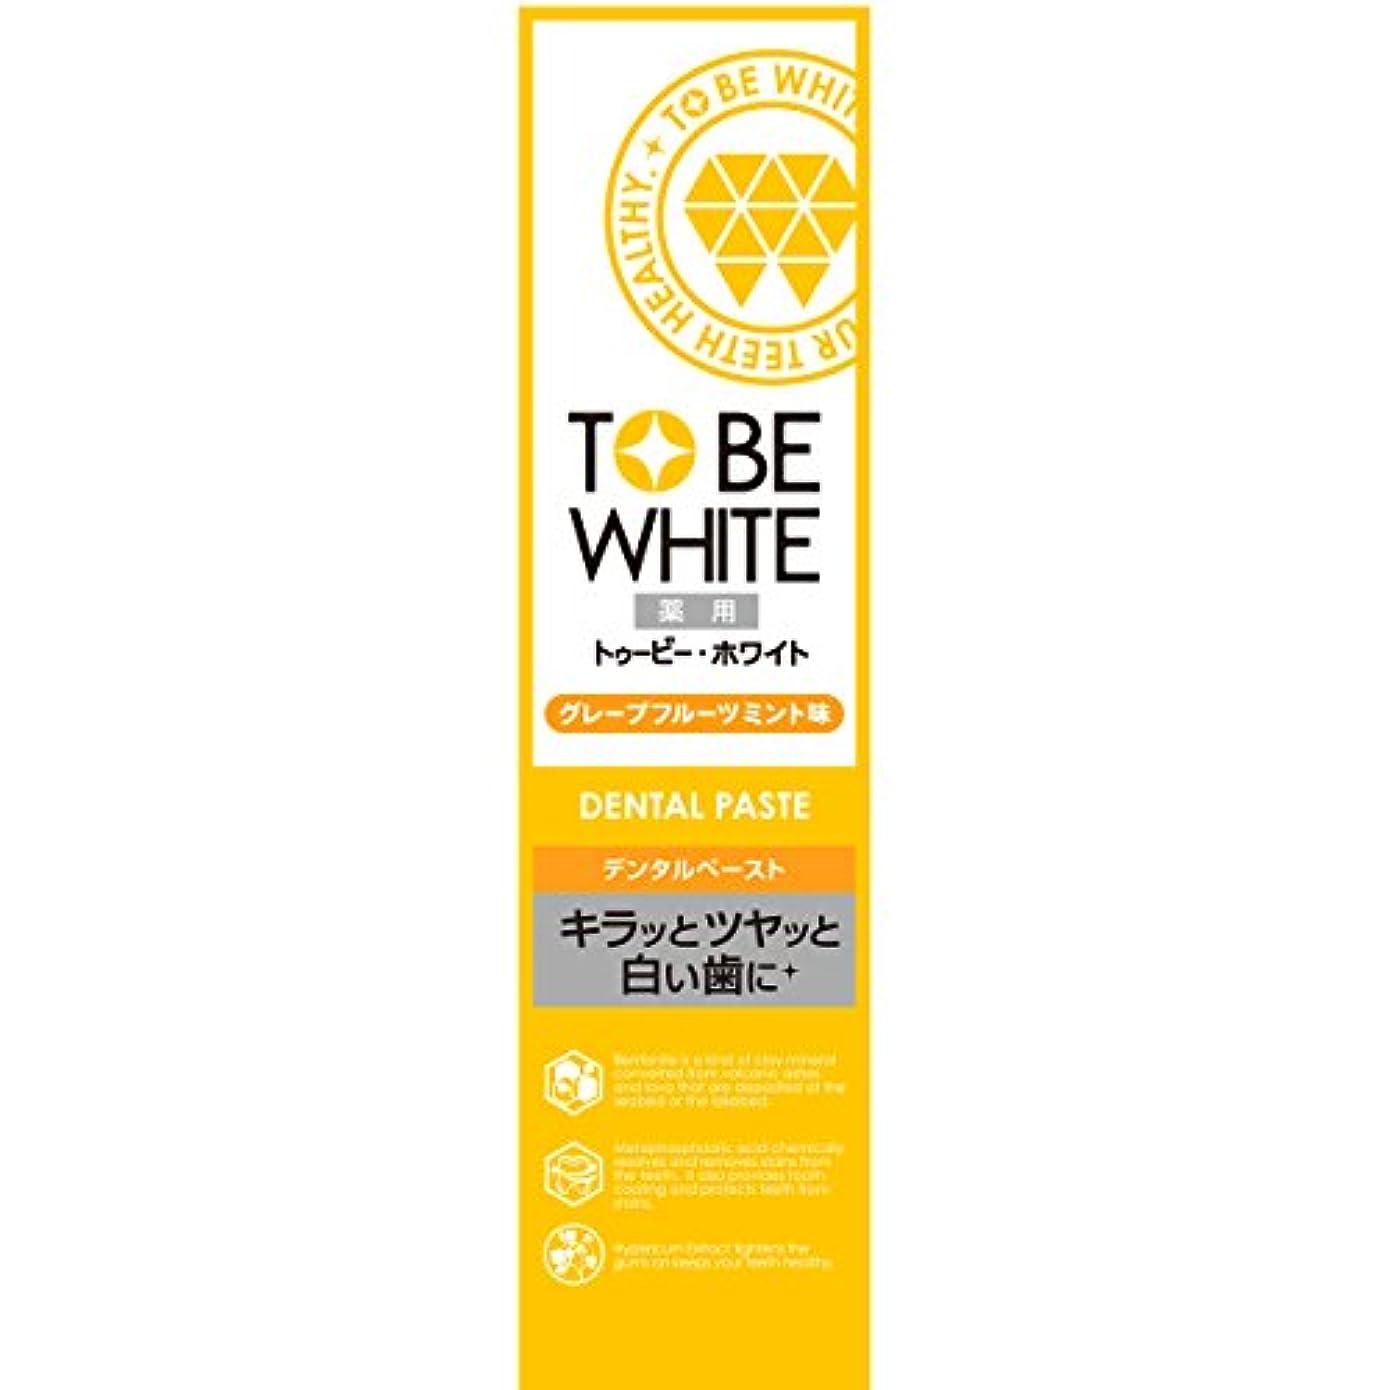 裕福な自発困ったトゥービー?ホワイト 薬用 ホワイトニング ハミガキ粉 グレープフルーツミント 味 60g 【医薬部外品】